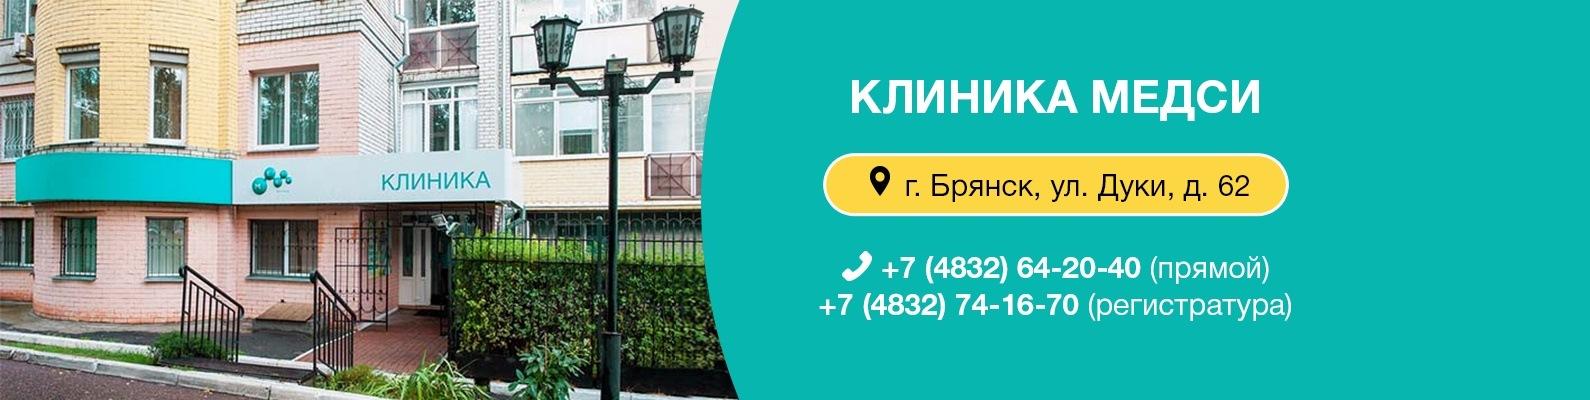 Больничный лист 2019 купить Москве Печатники